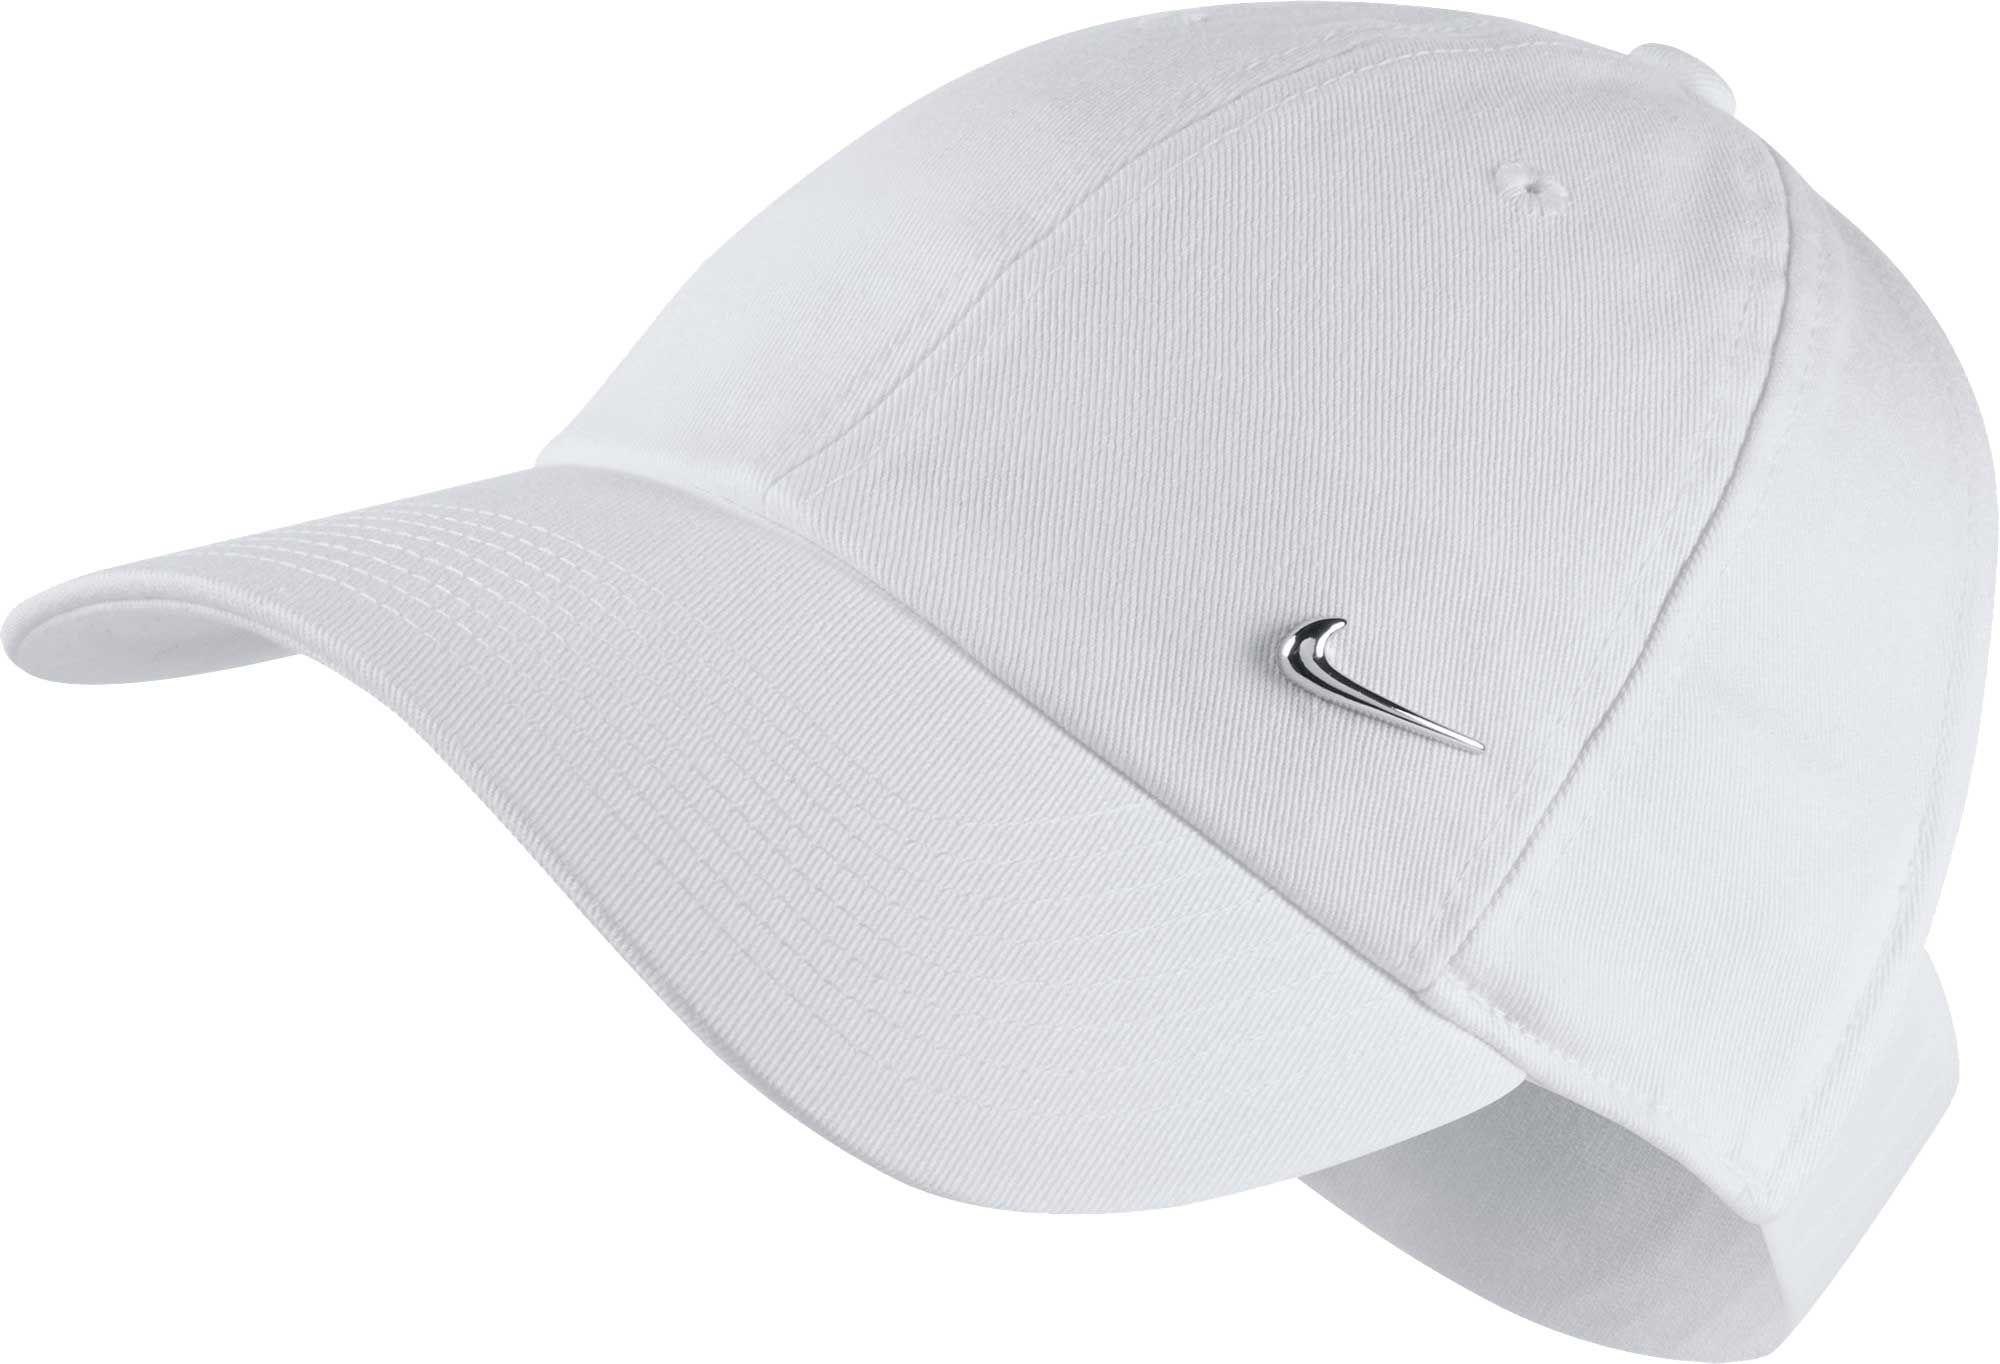 aa585d738 Nike Women's Sportswear Open Back Visor Hat | Products | Visor hats ...